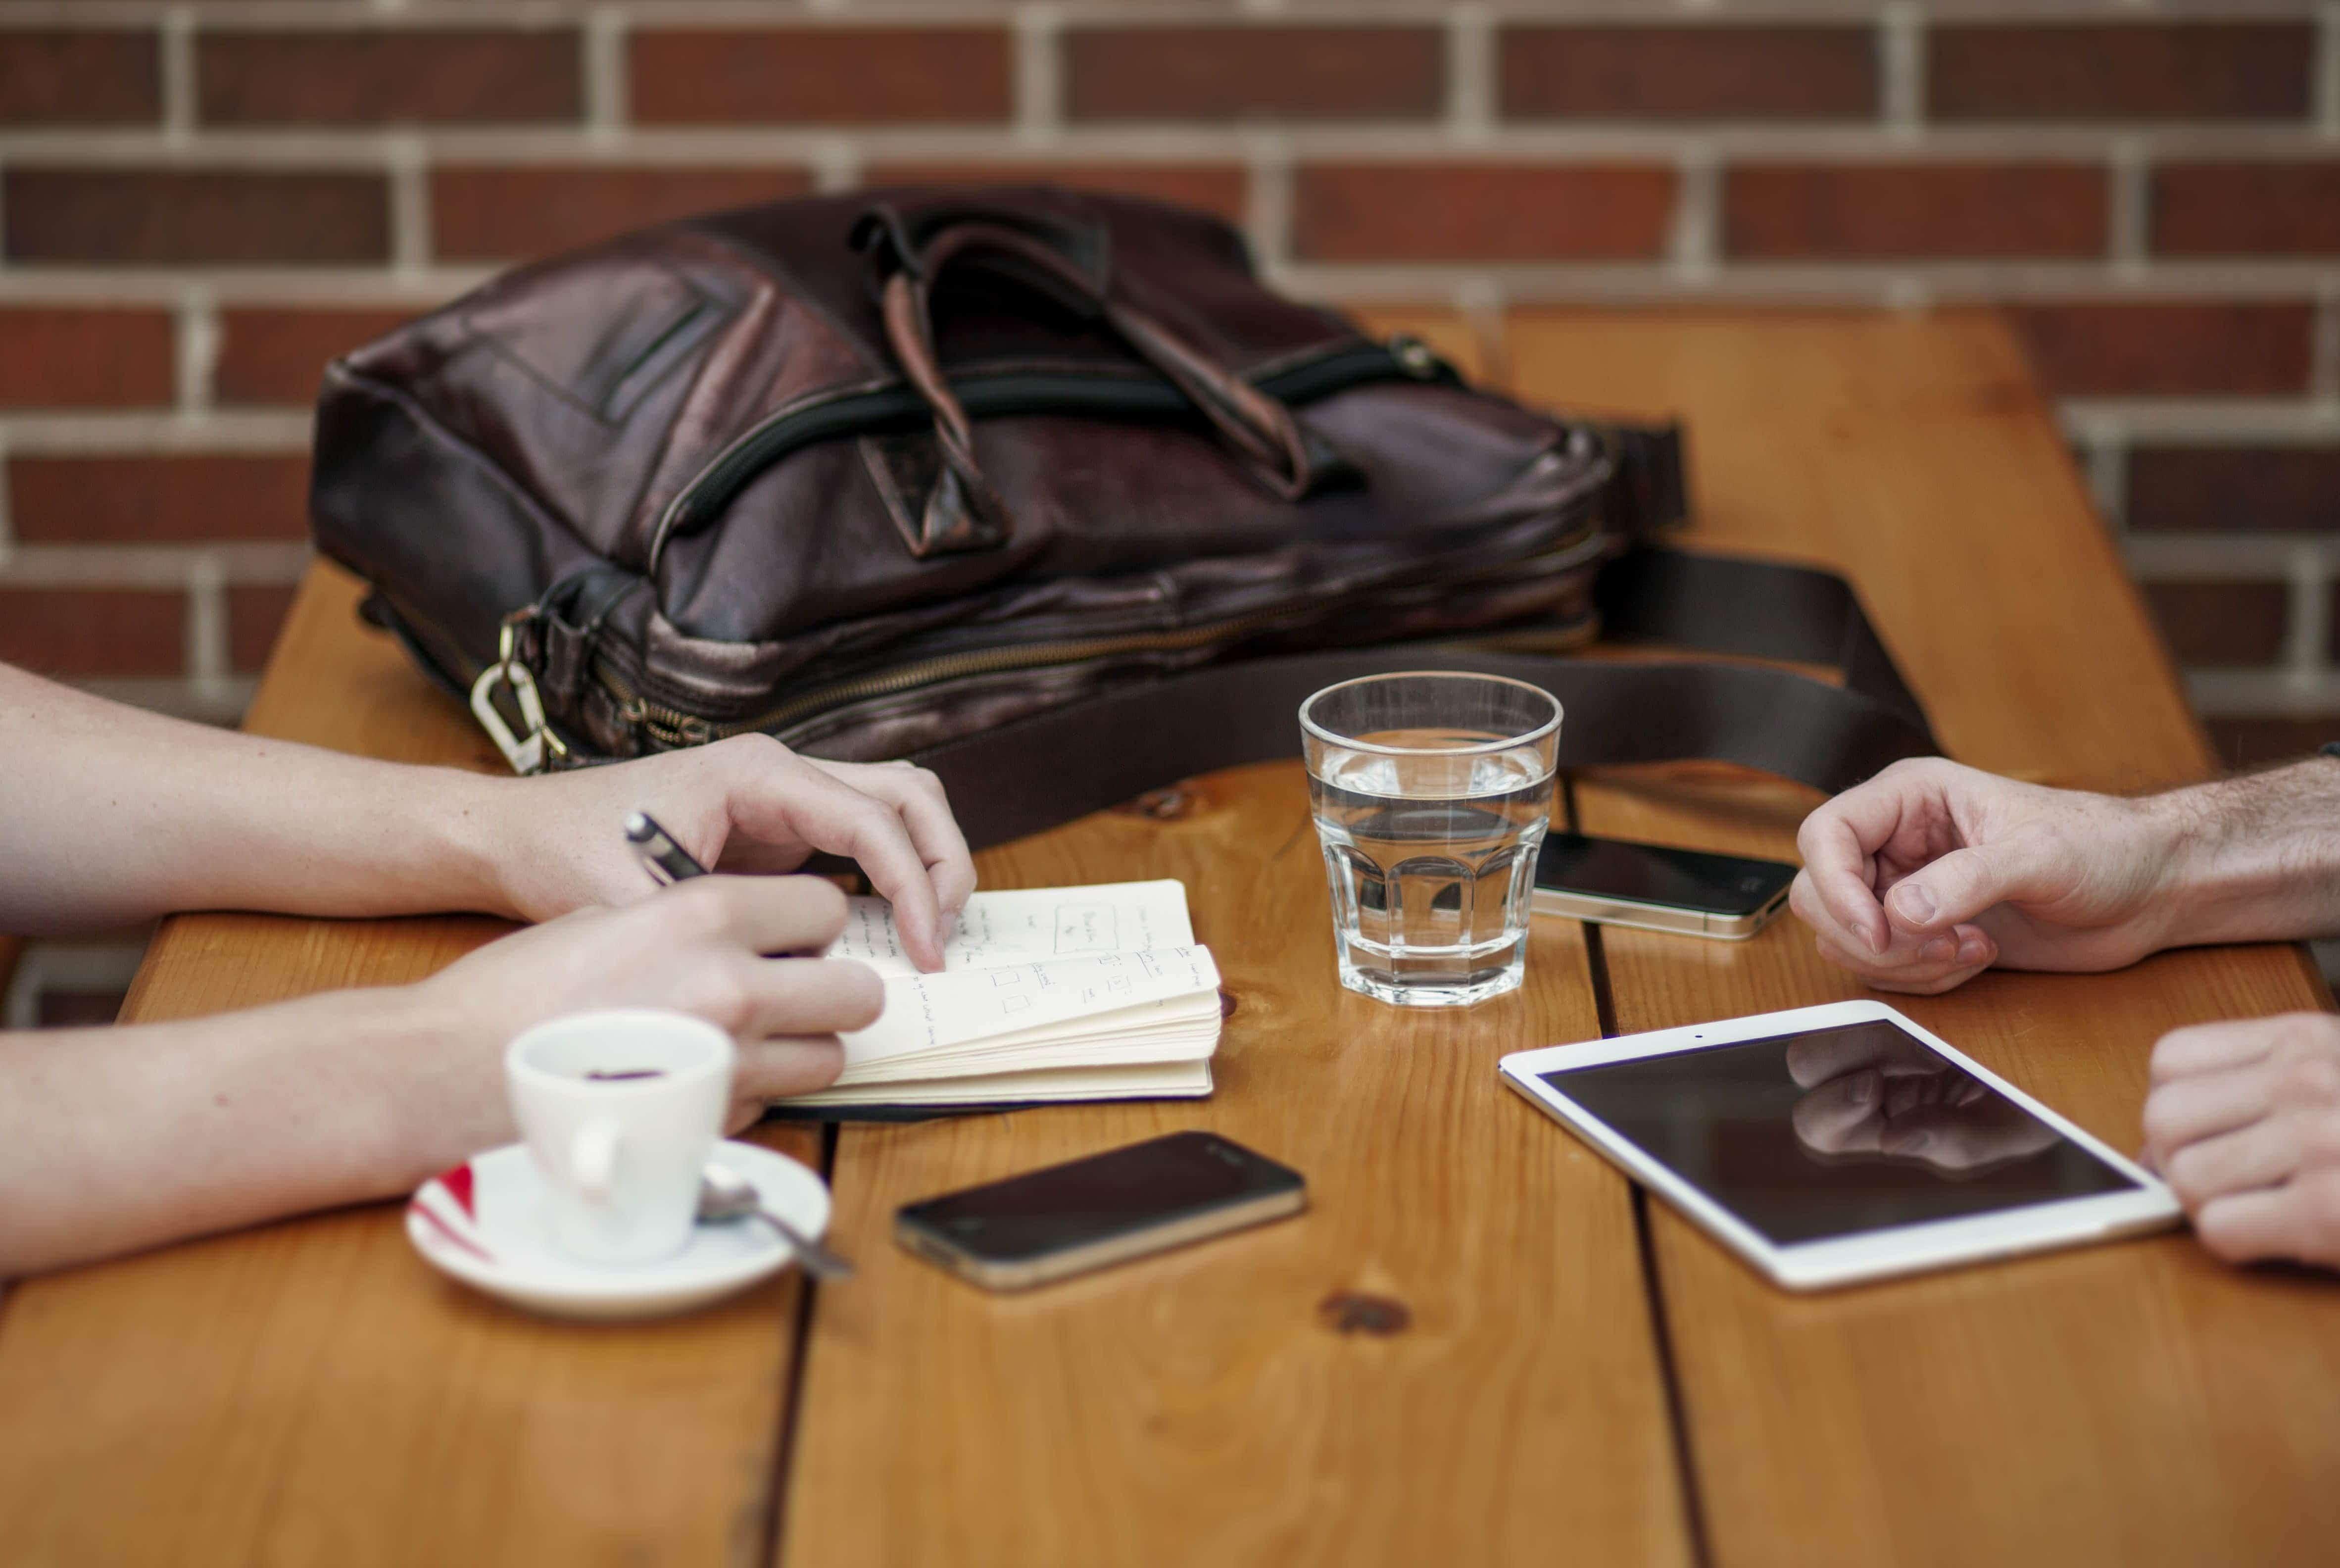 8 skutecznych sposobów na oddzielanie pracy i życia osobistego